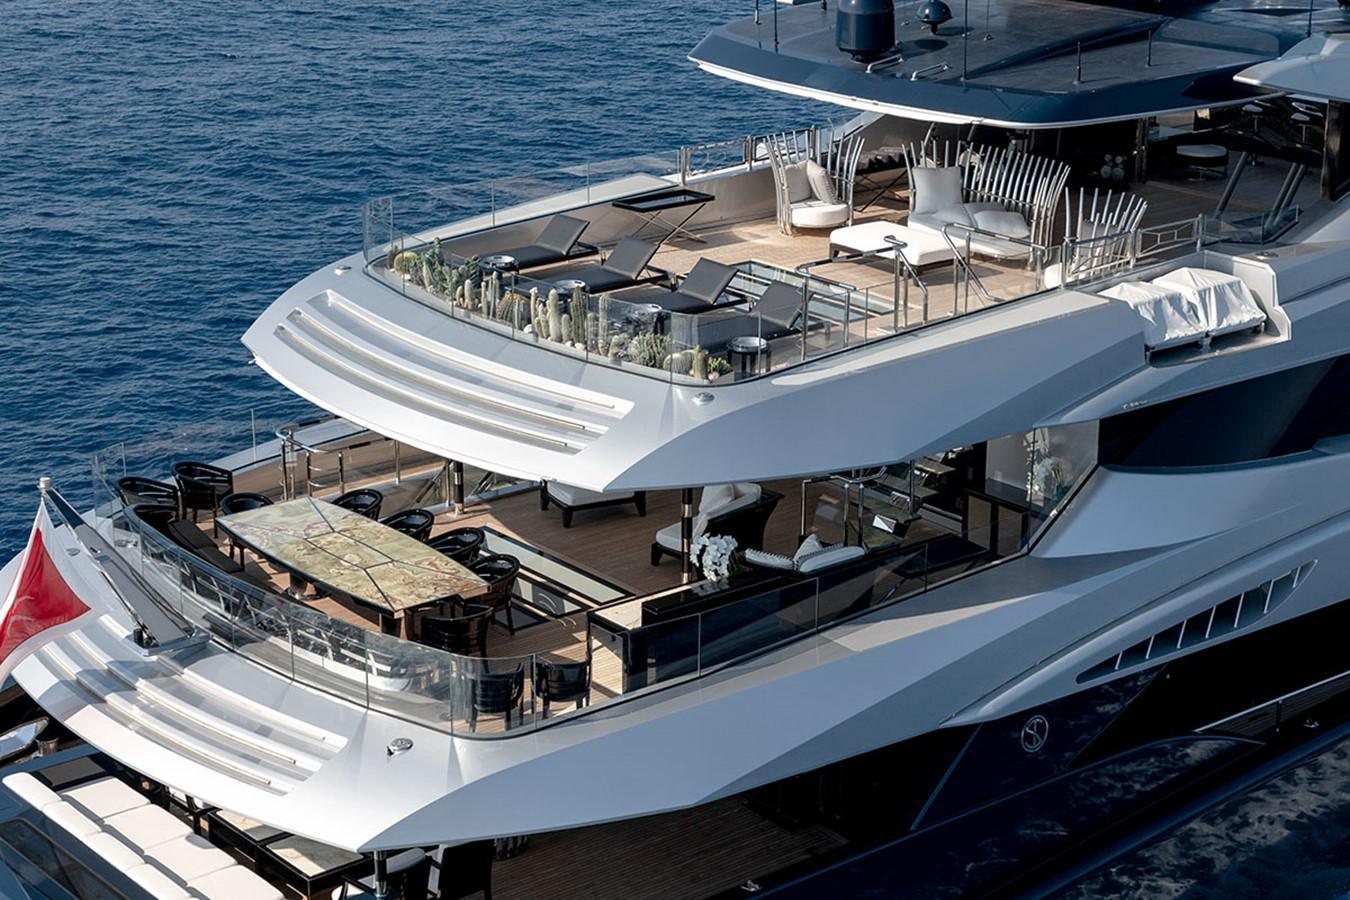 SARASTAR yacht for sale